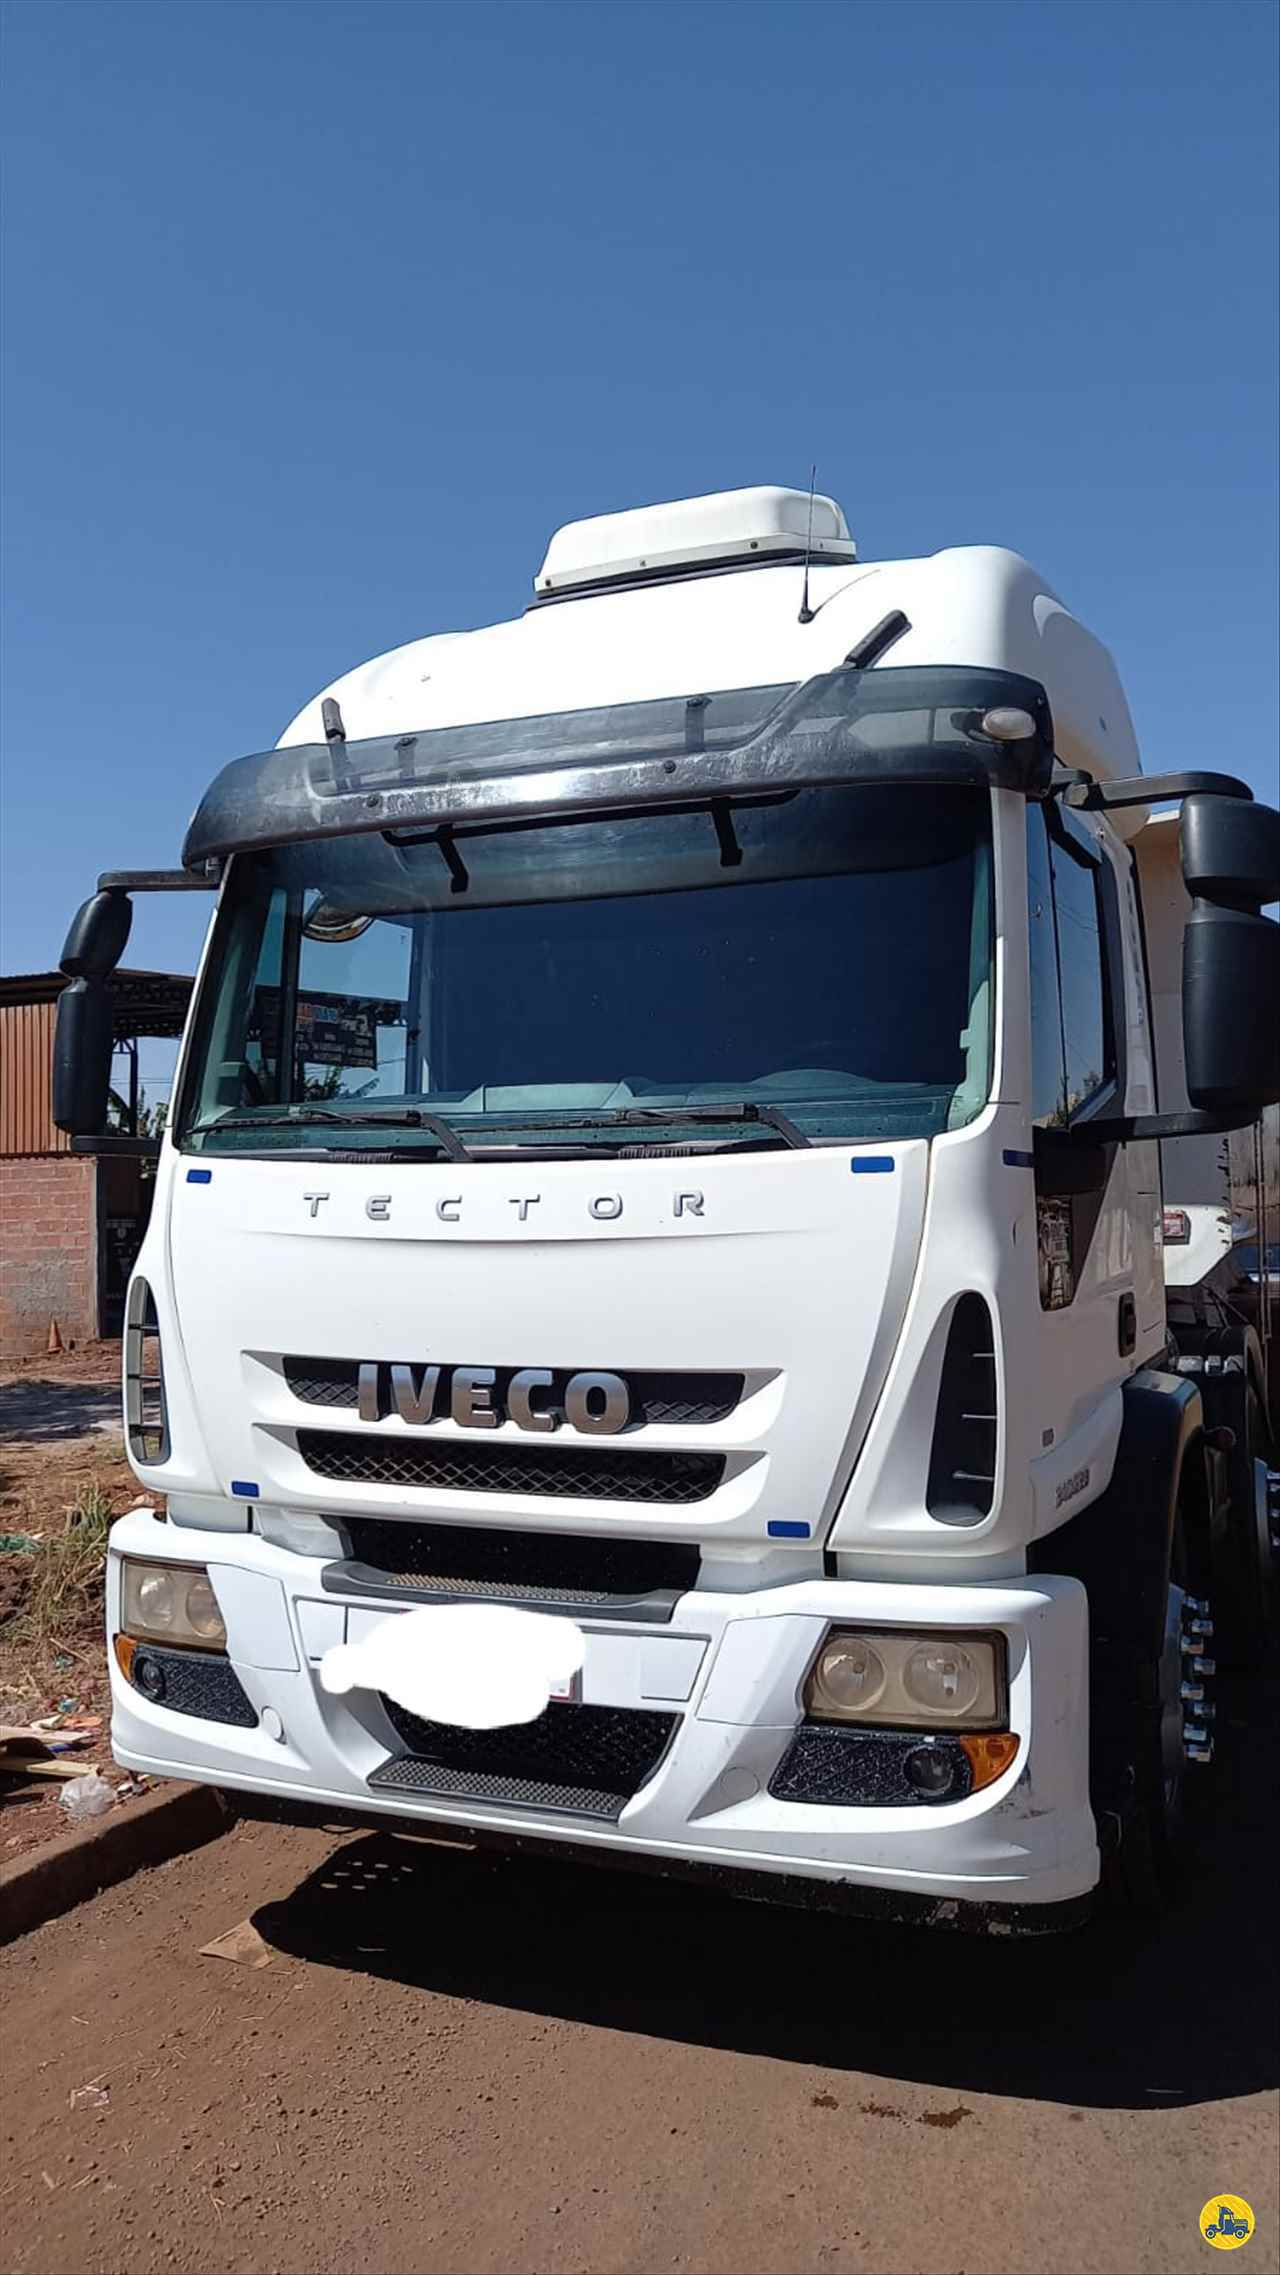 CAMINHAO IVECO TECTOR 240E25 Caçamba Basculante BiTruck 8x2 Porssionatto Caminhões RIO VERDE GOIAS GO